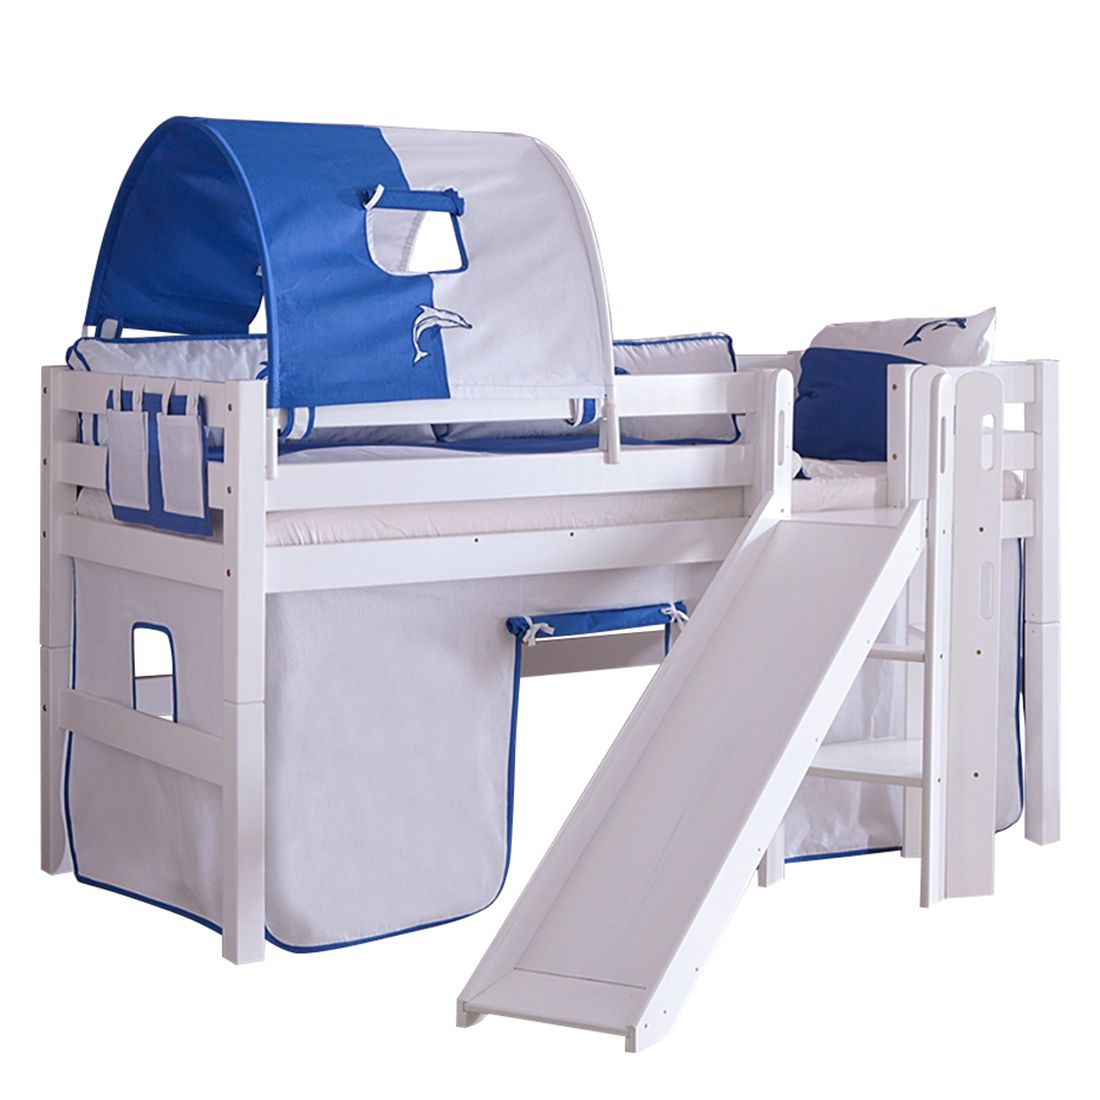 Spielbett Eliyas - mit Rutsche, Vorhang, Tunnel und Tasche - Buche weiß/Textil weiß-delfin, Relita